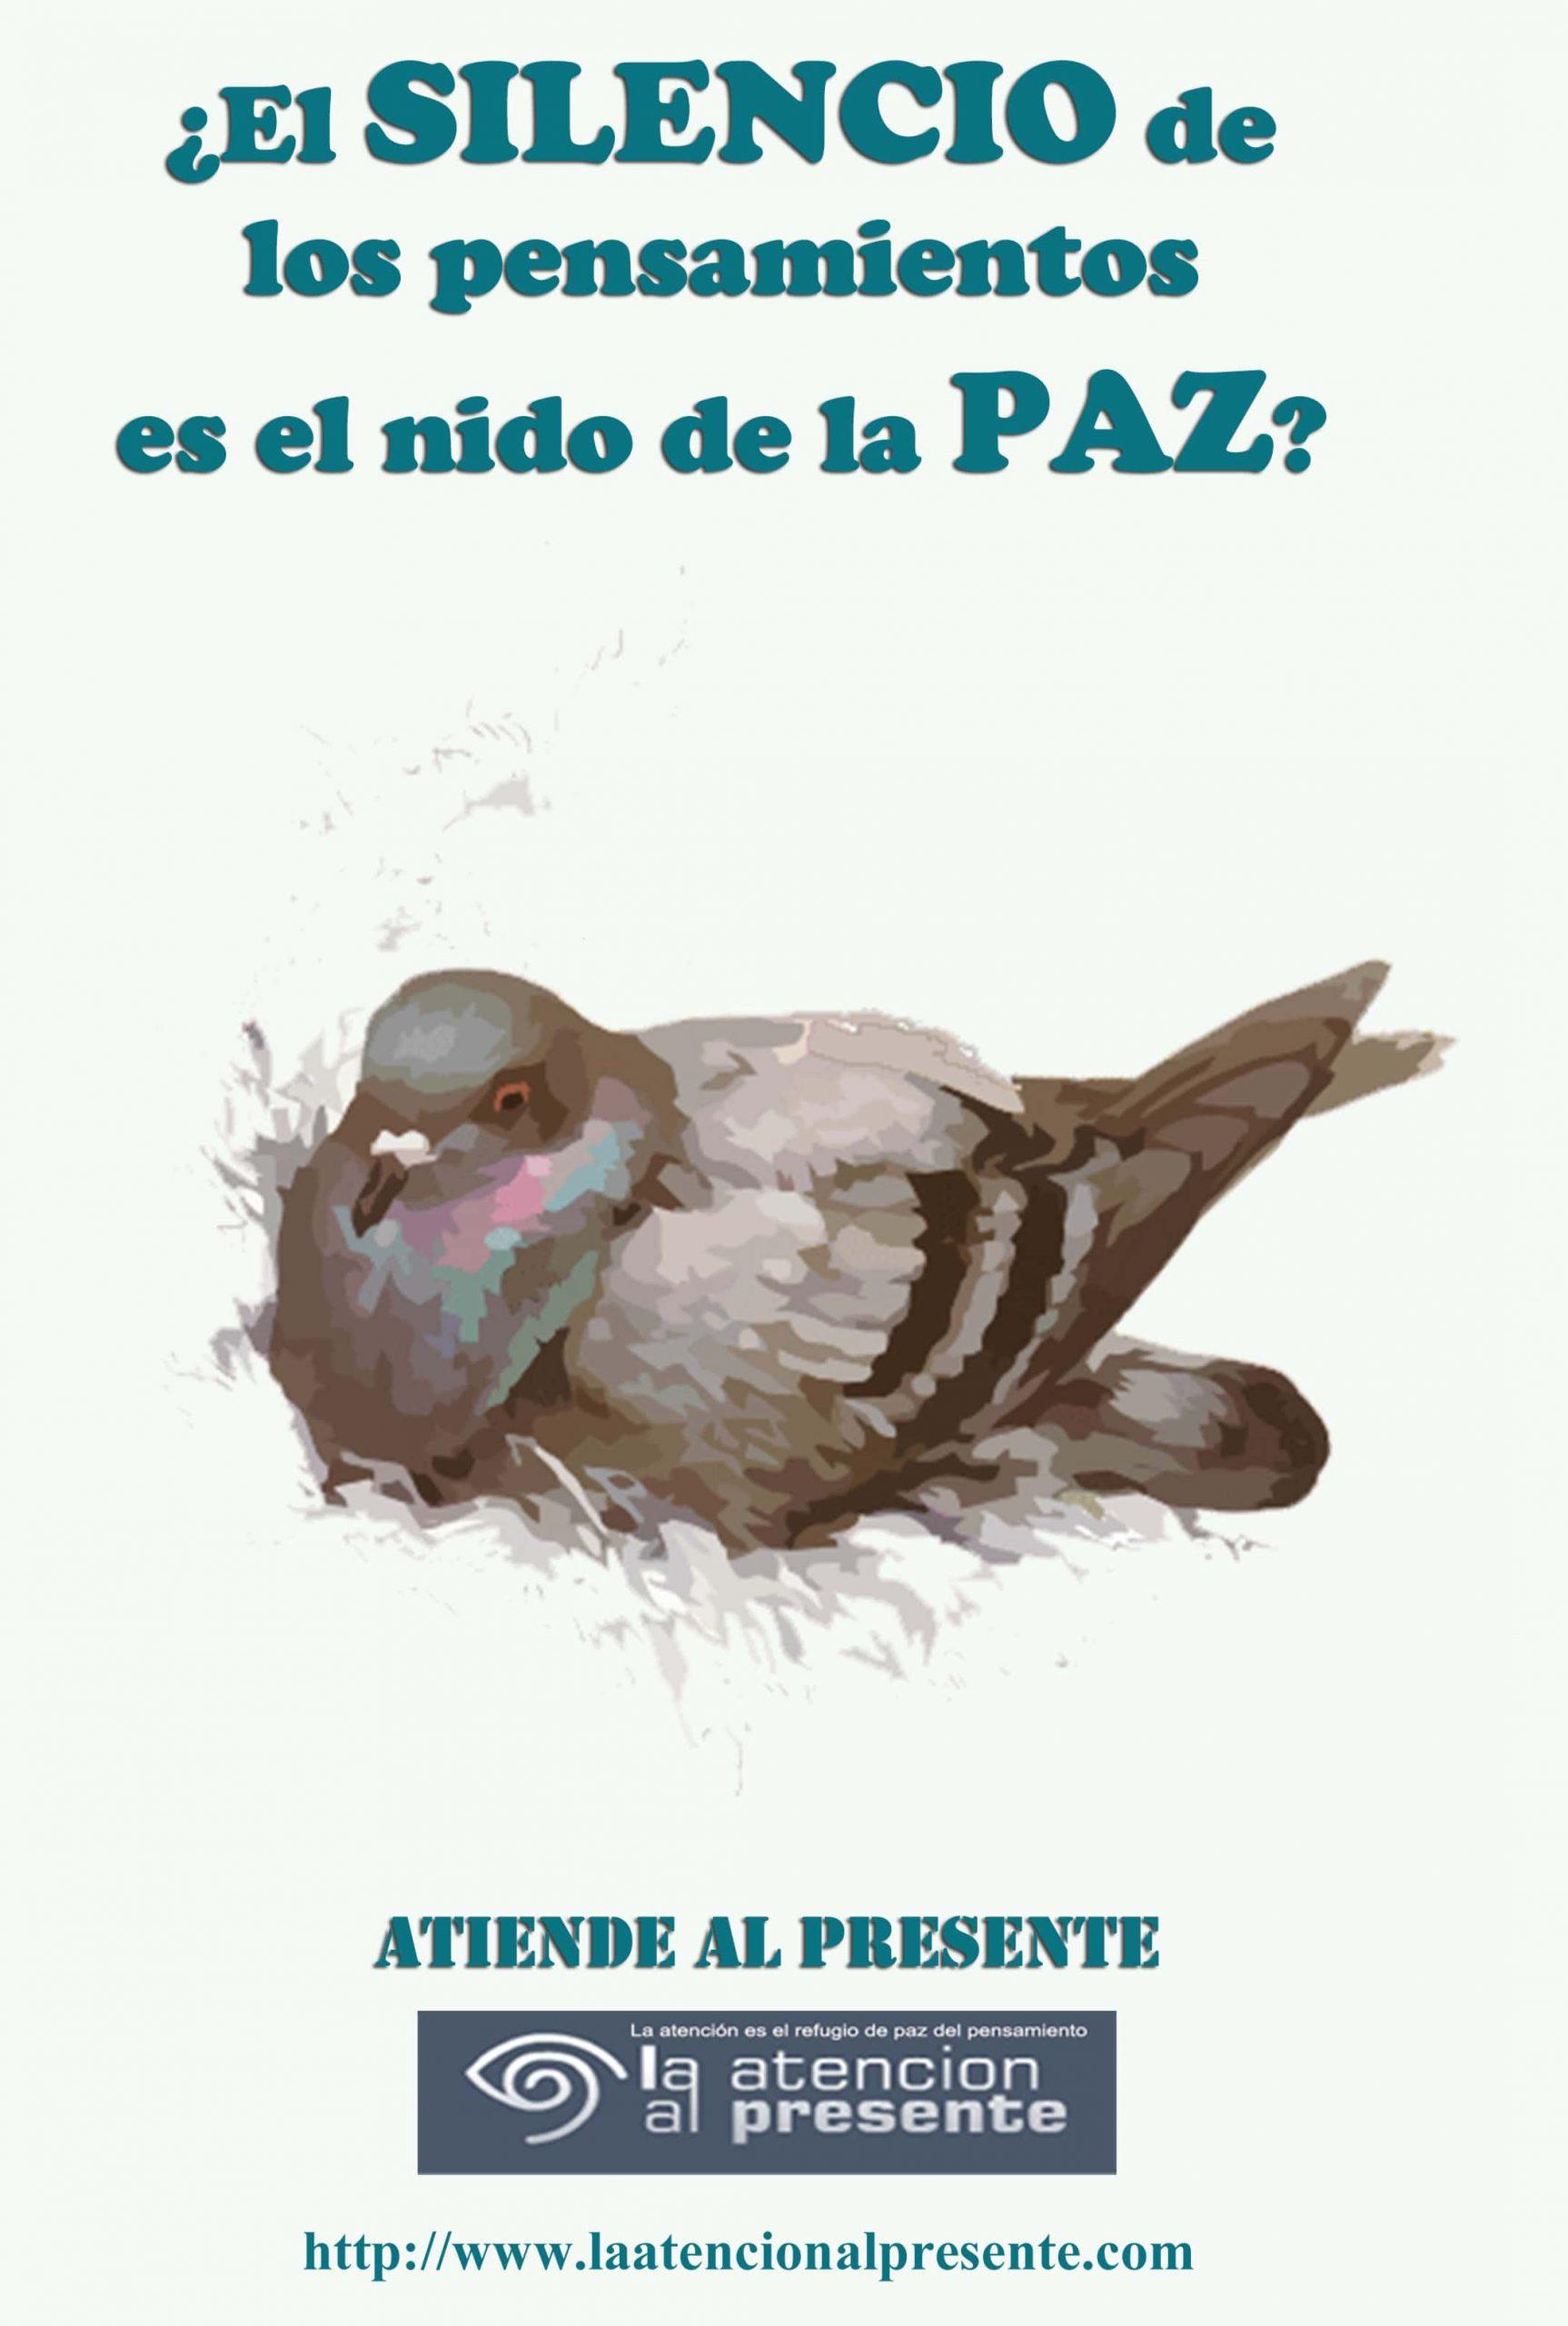 4 de febrero Esteban El SILENCIO de los pensamientos es el nido de la PAZ min scaled